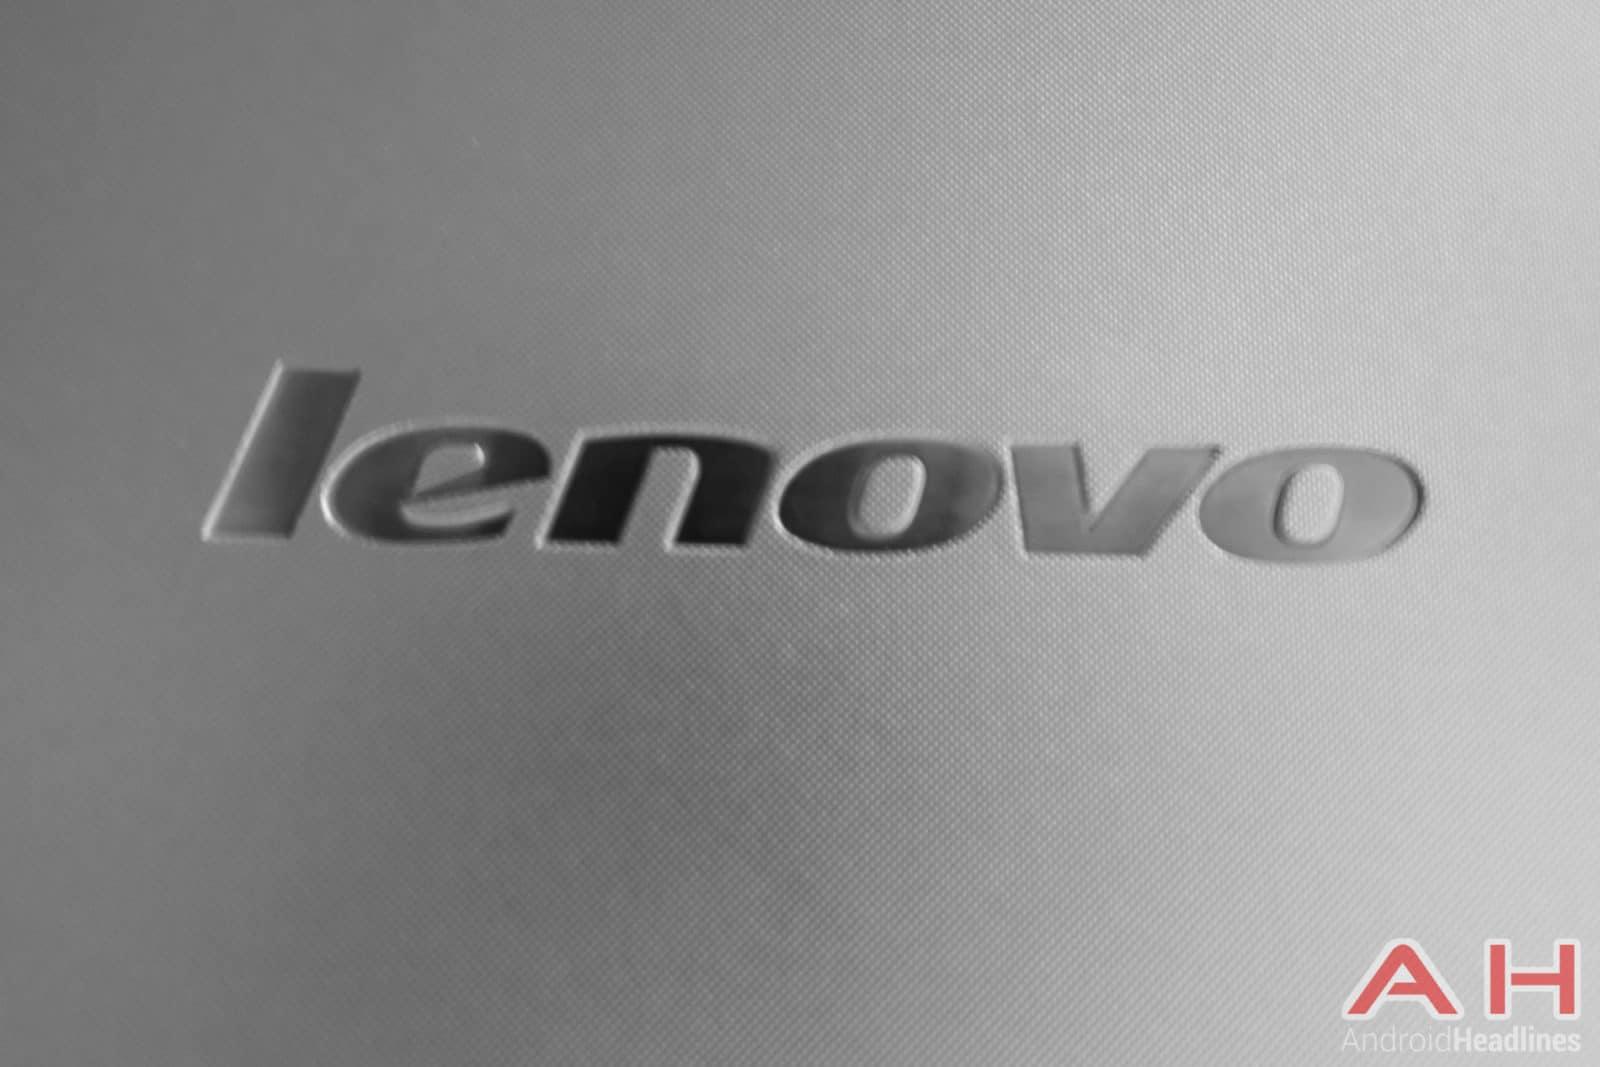 Lenovo-Logo-AH-1-10